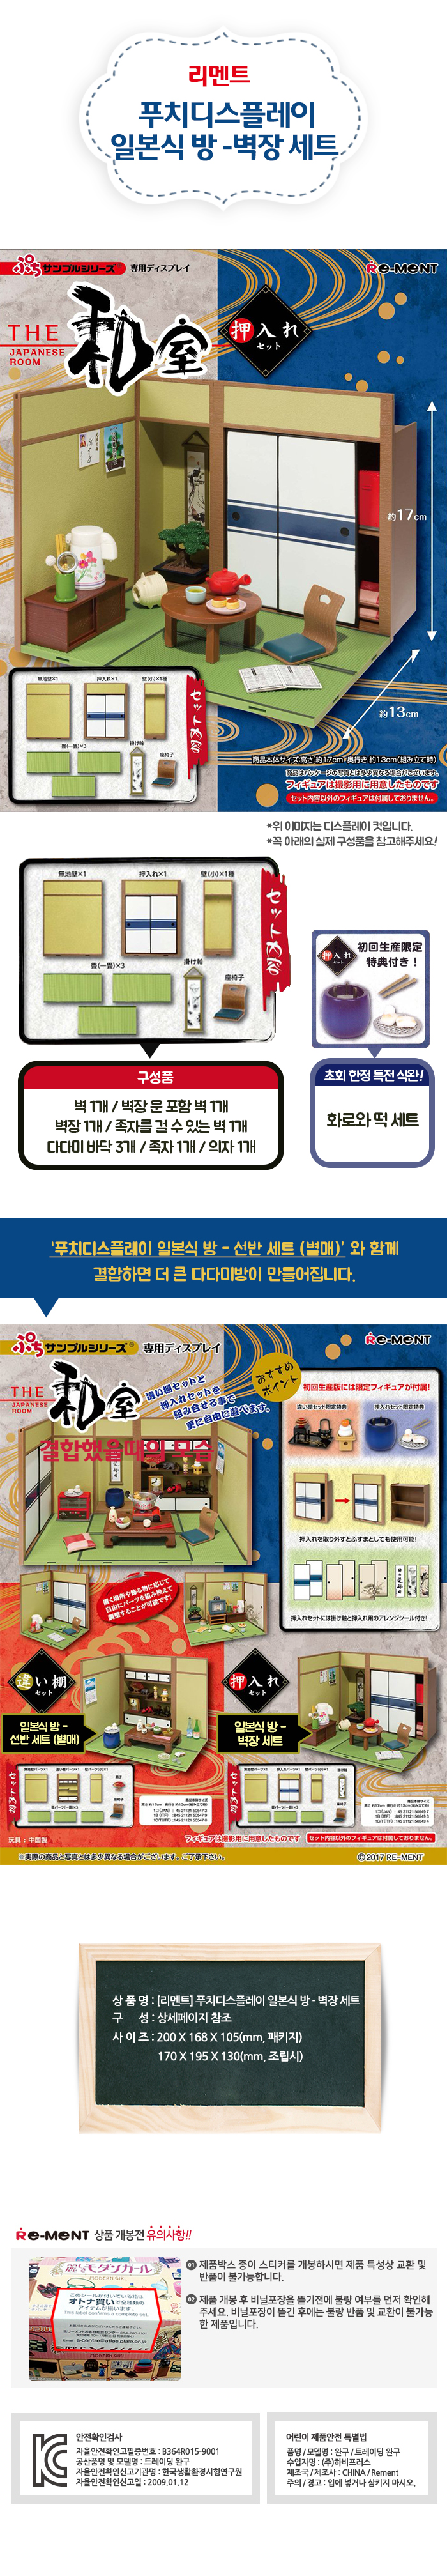 리멘트 푸치디스플레이 일본식 방 벽장 세트 - 레드비, 52,000원, 캐릭터 피규어, 리멘트/식완